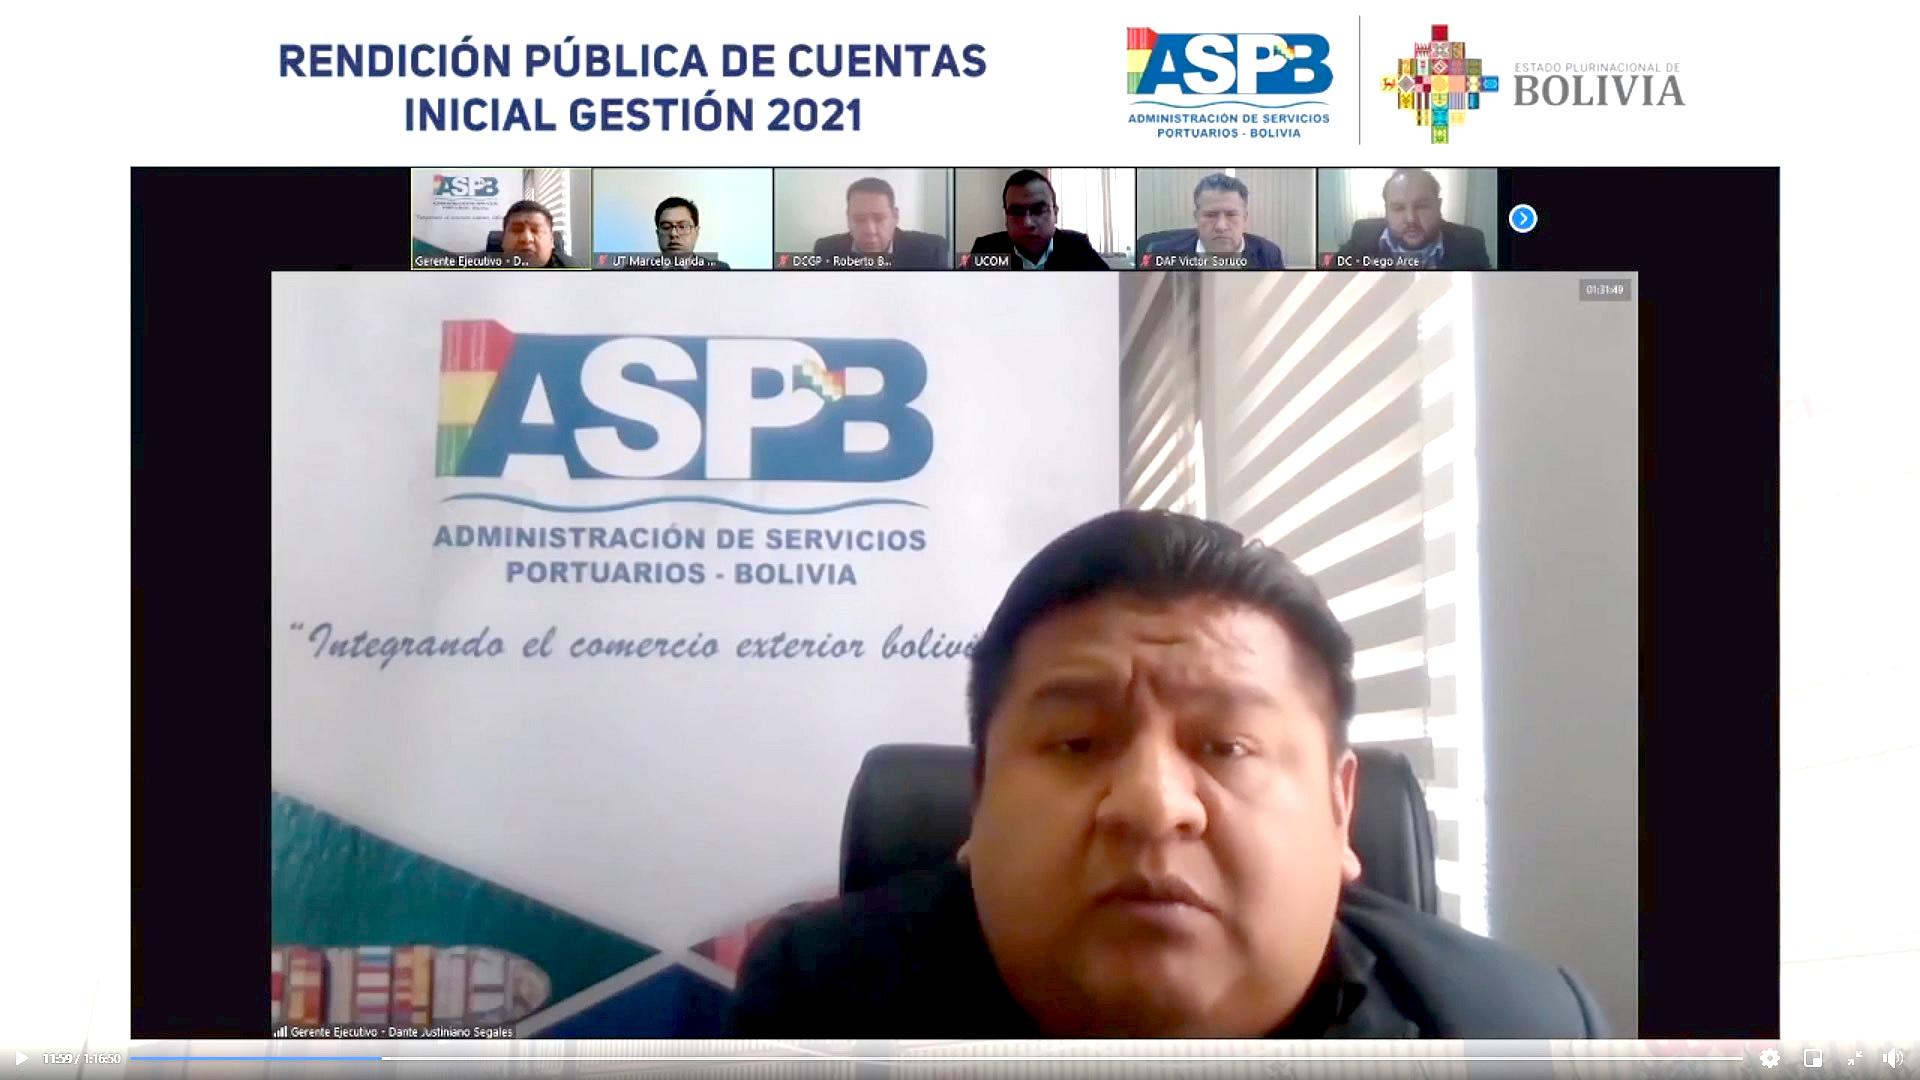 LA ASP-B PRESENTÓ LA RENDICIÓN PÚBLICA DE CUENTAS INICIAL 2021